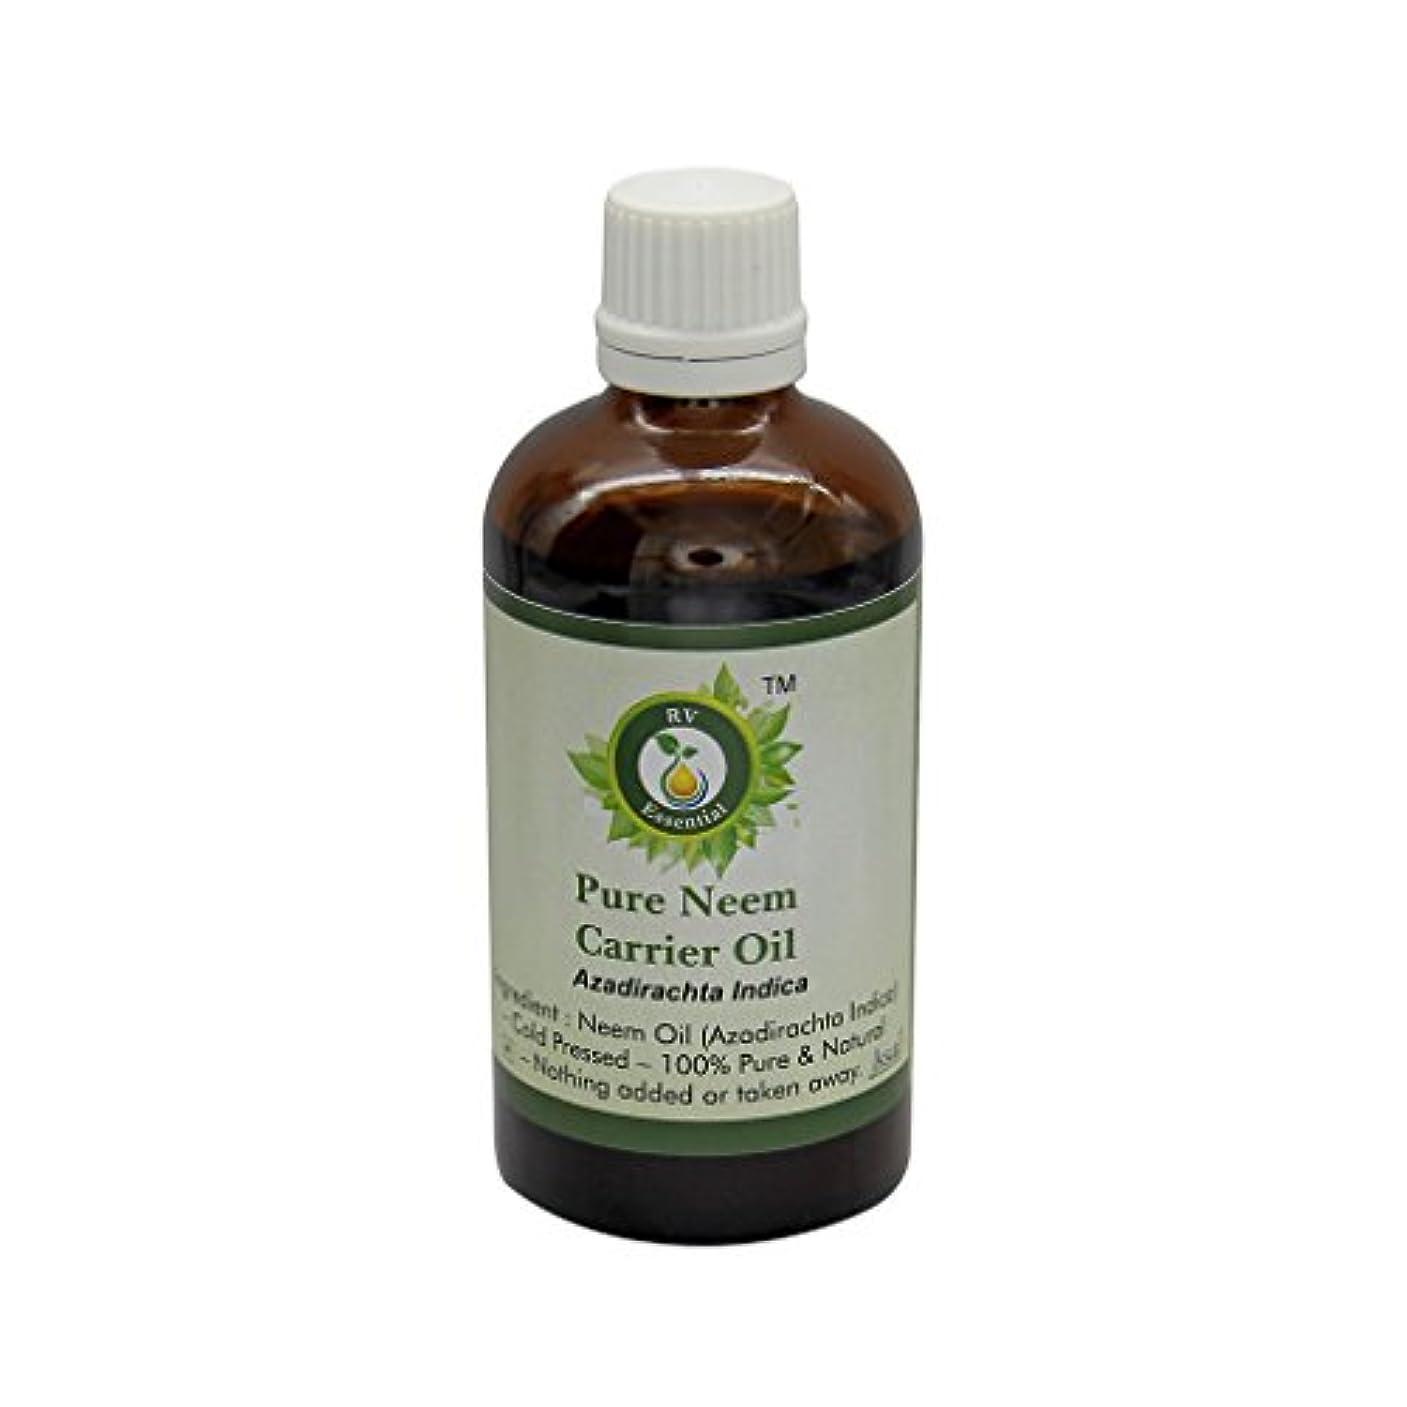 とにかくブレイズ奨励しますR V Essential 純Neemキャリアオイル50ml (1.69oz)- Azadirachta Indica (100%ピュア&ナチュラルコールドPressed) Pure Neem Carrier Oil